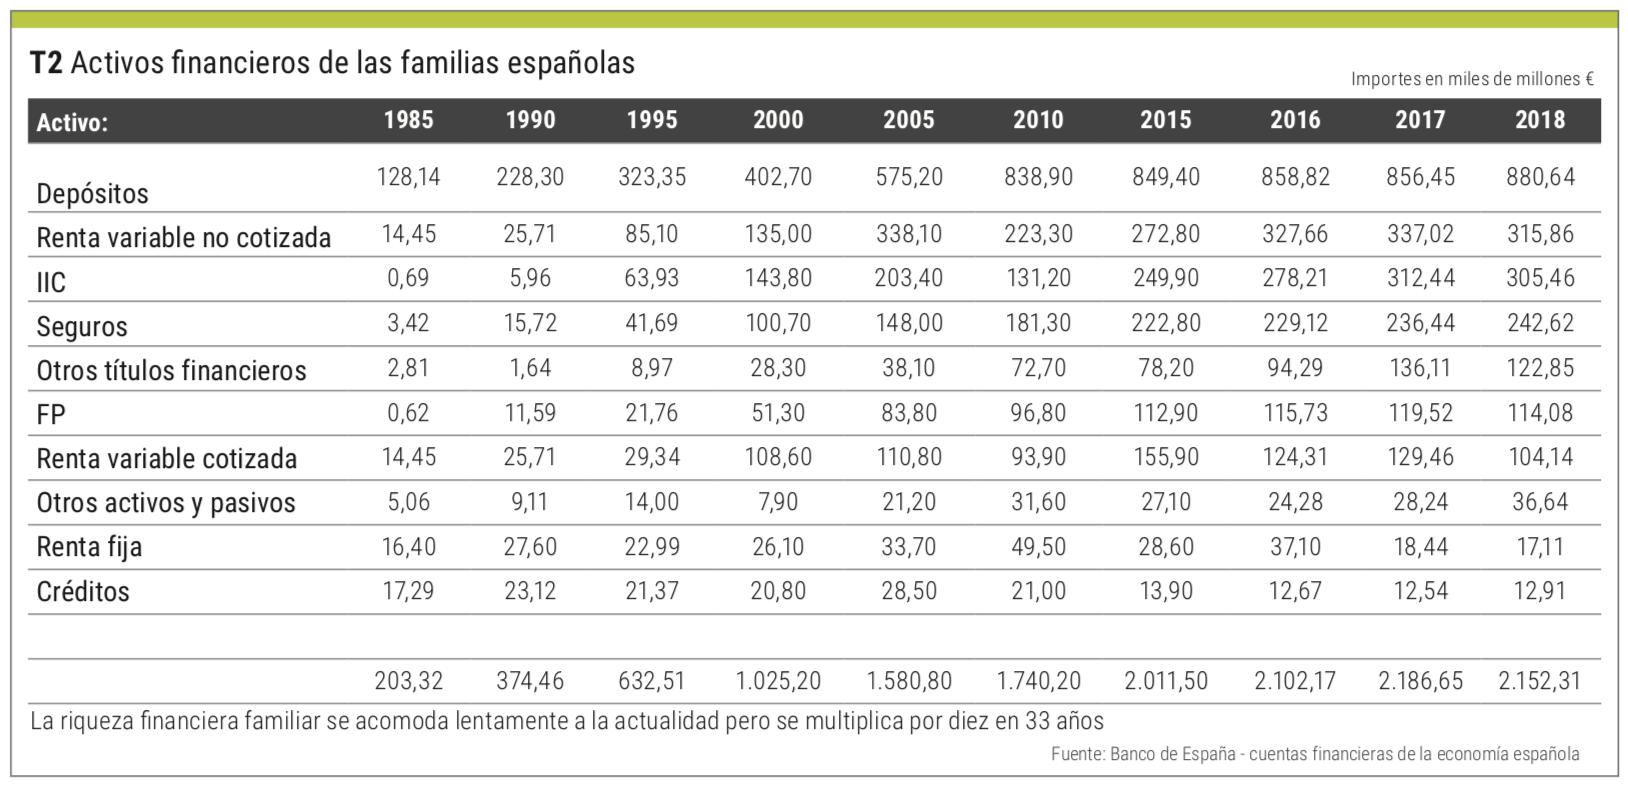 activos financieros españolas